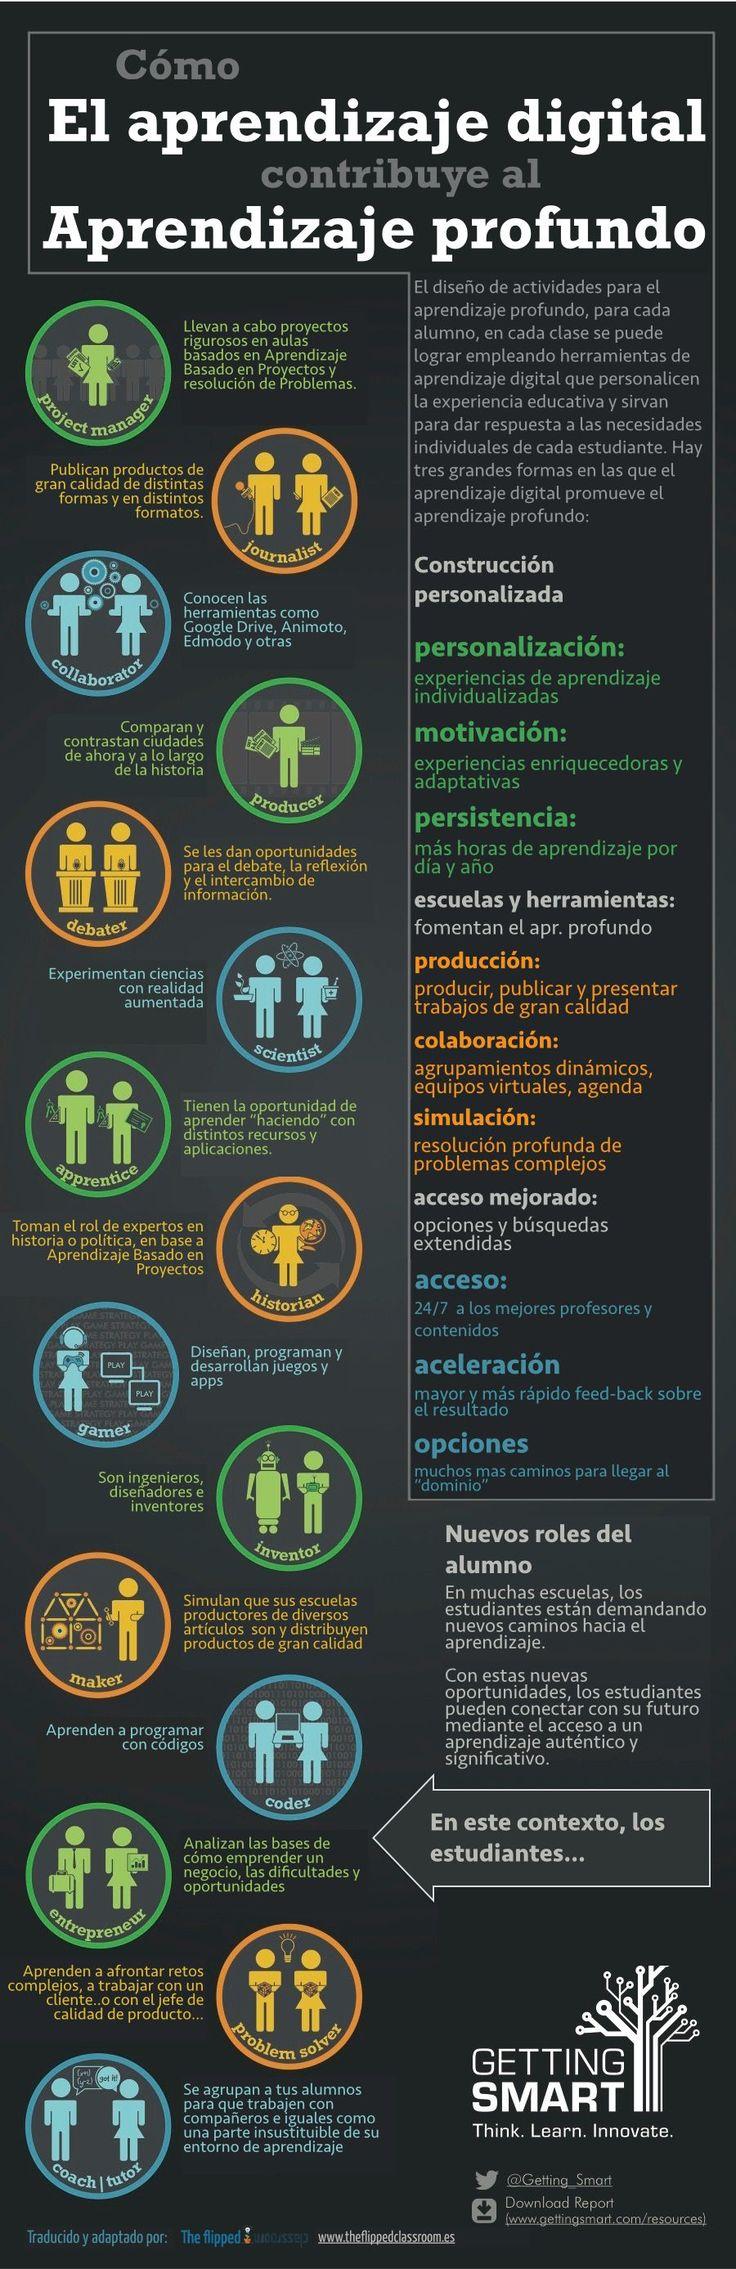 """Hola: Compartimos una interesante infografía sobre """"Aprendizaje Profundo - 3 Maneras de Promoverlo"""" Un gran saludo.  Visto en: theflippedclassroom.es  Solicitar Información ____ :) ____..."""